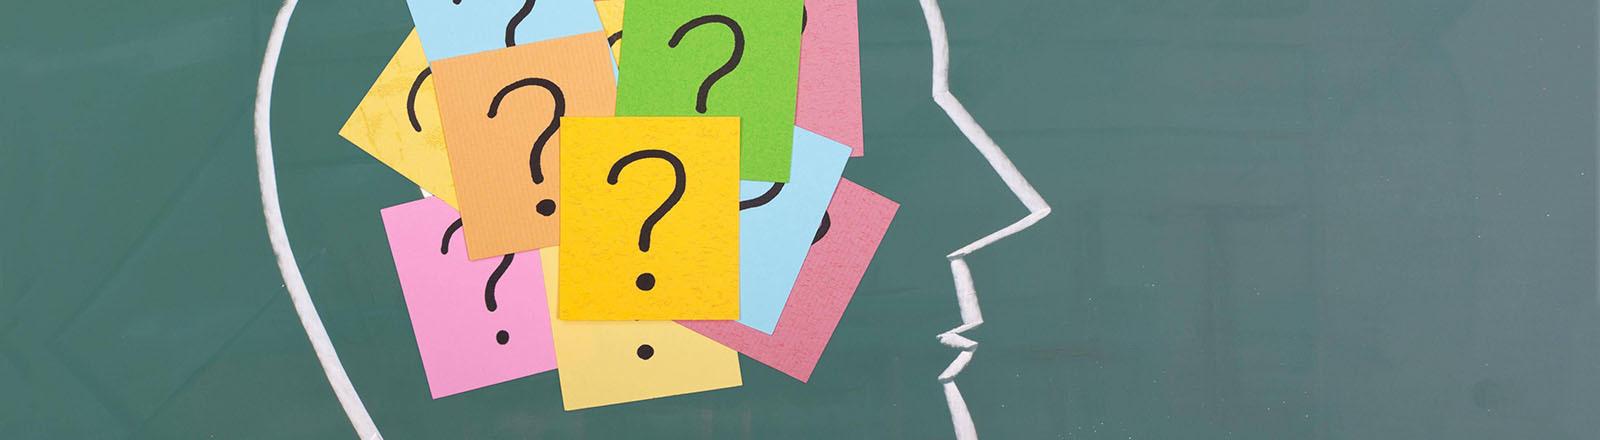 Ein mit Kreide auf eine Tafel gezeichneter Kopf, darin befinden sich Post-its, auf die ein Fragezeichen gezeichnet ist.